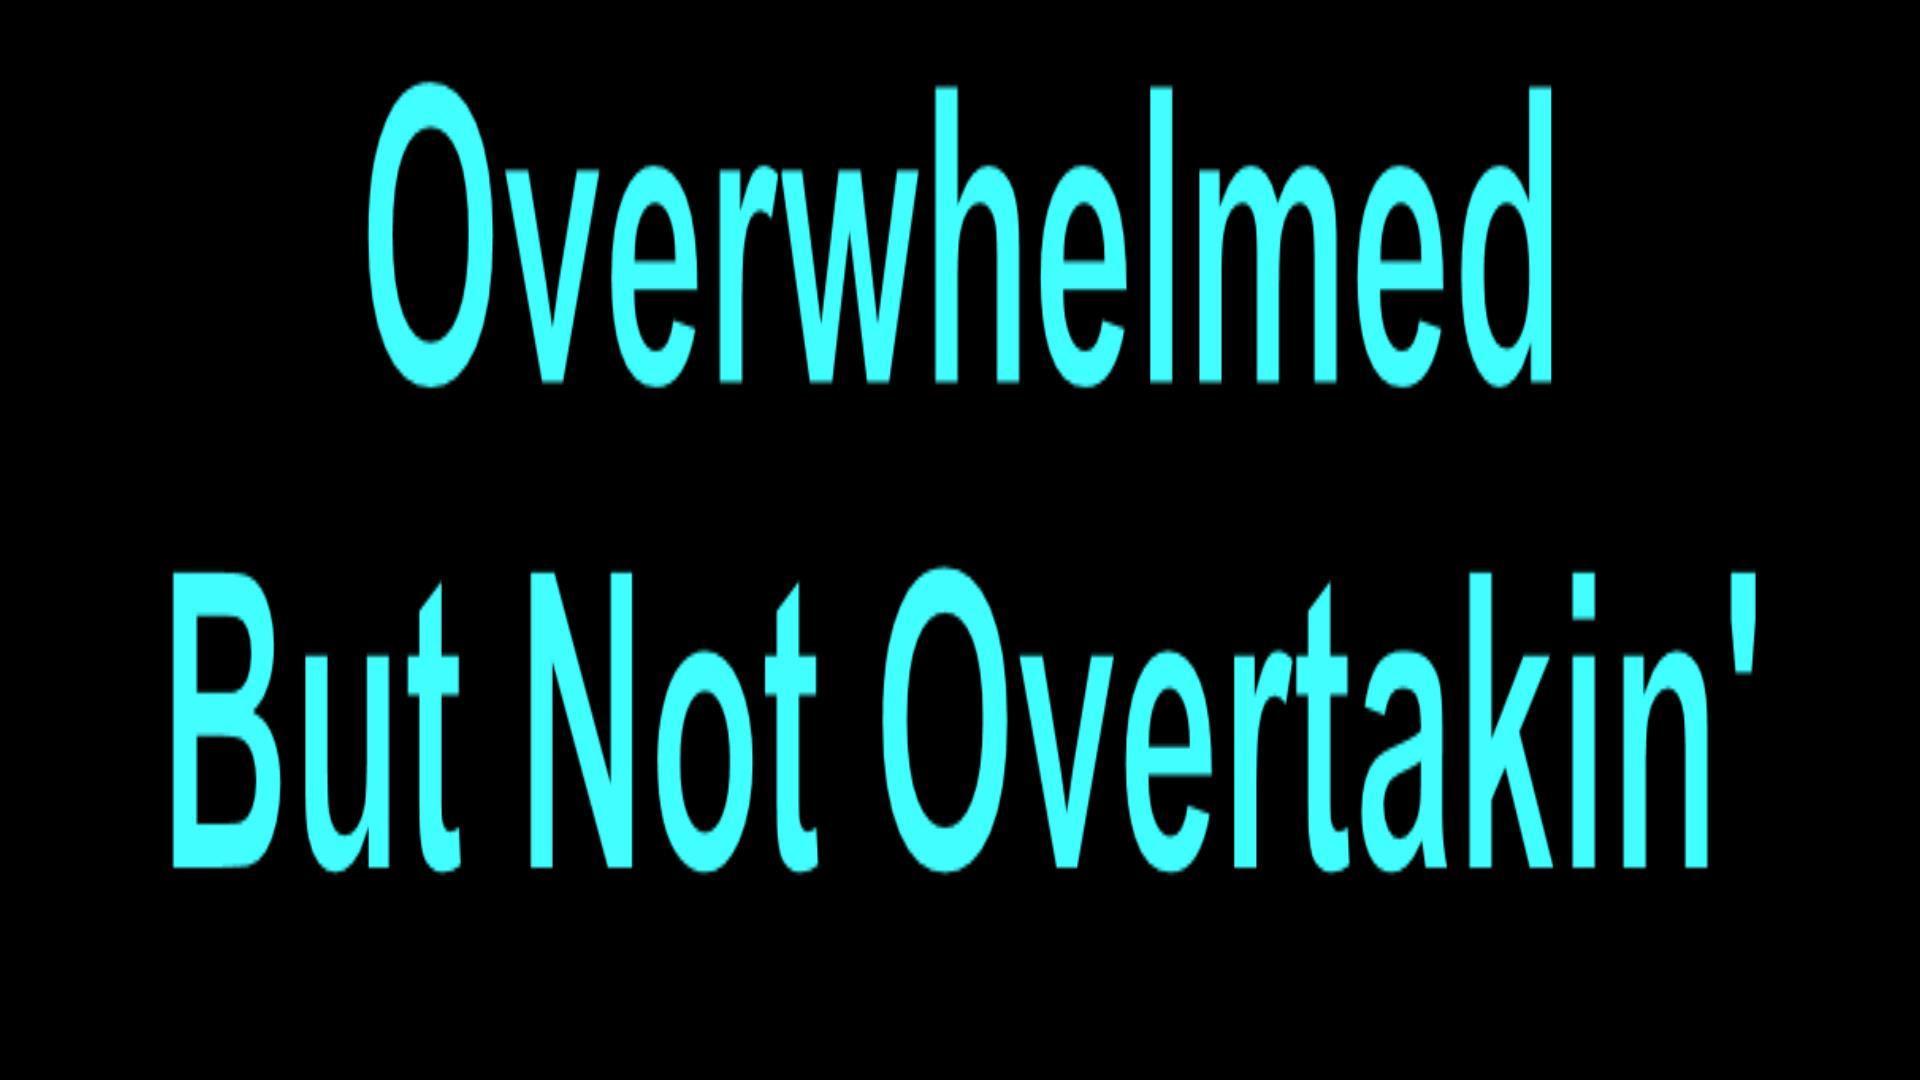 Overwhelmed But Not Overtakin'